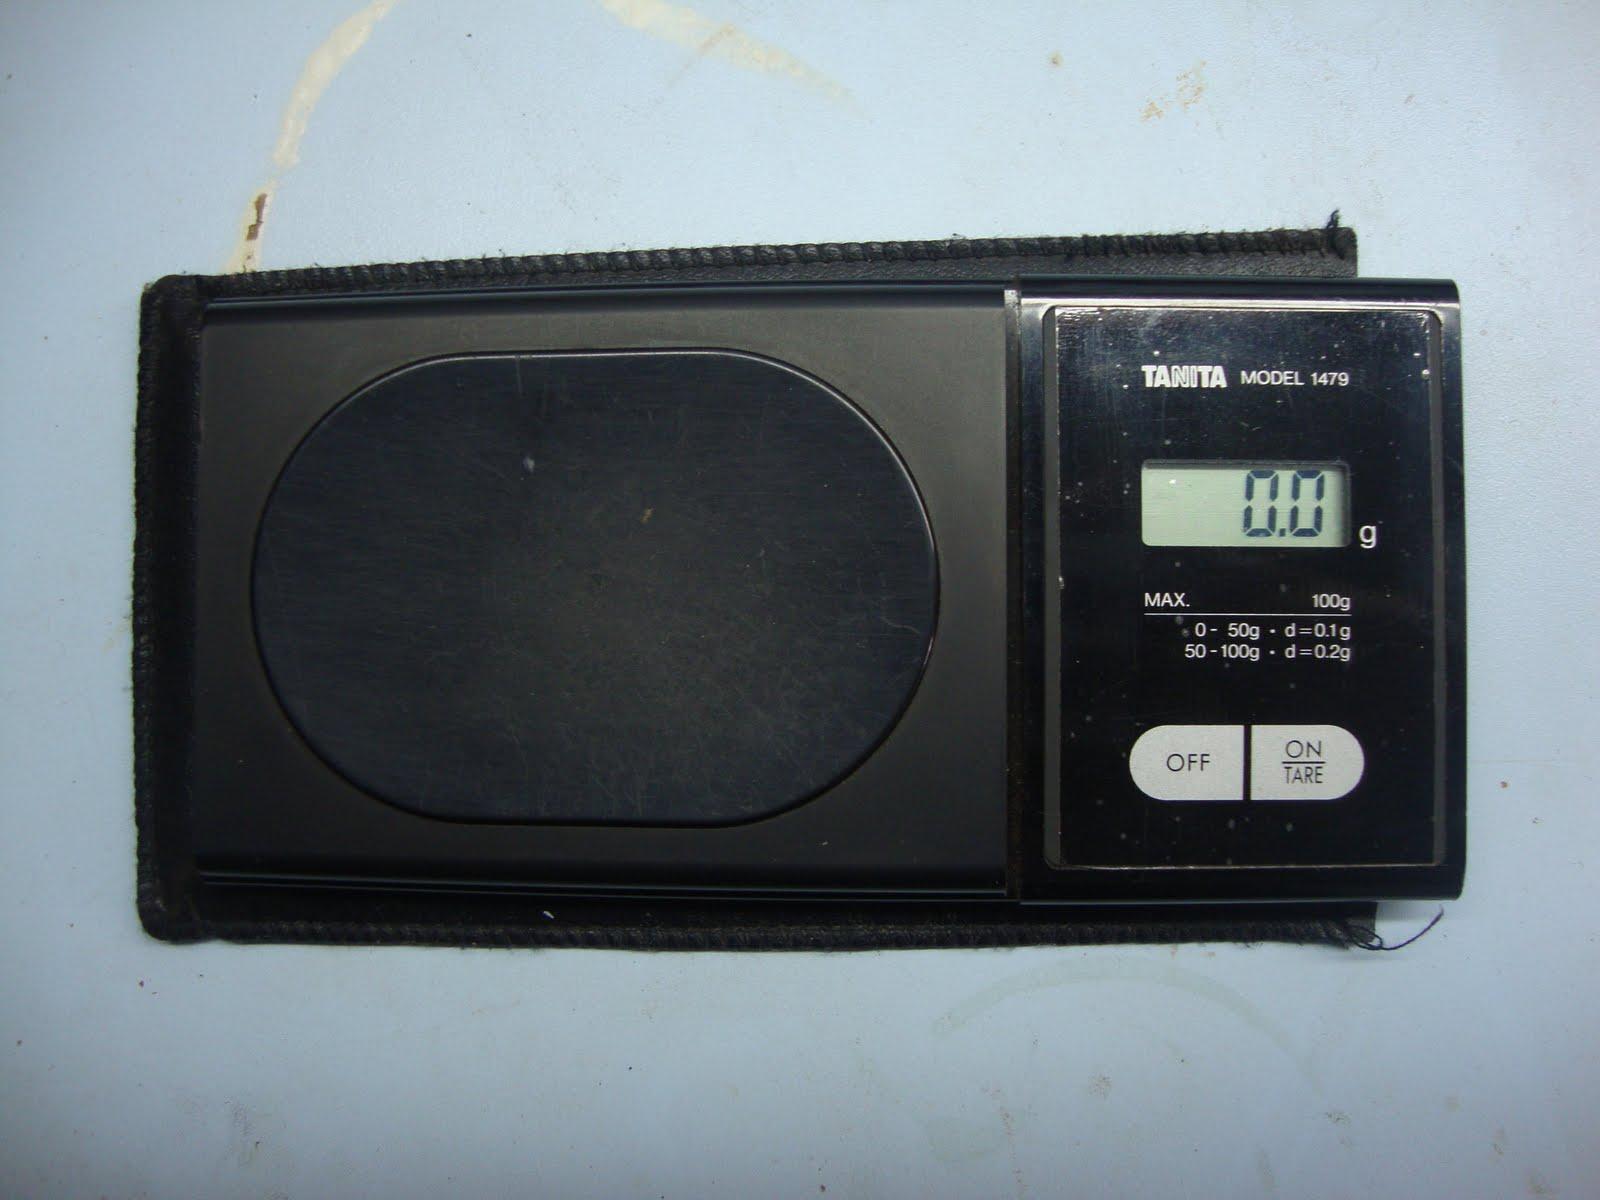 balança Tanita é a mais tradicional das balanças eletrônicas é  #4C6E7F 1600x1200 Balança De Banheiro Tanita